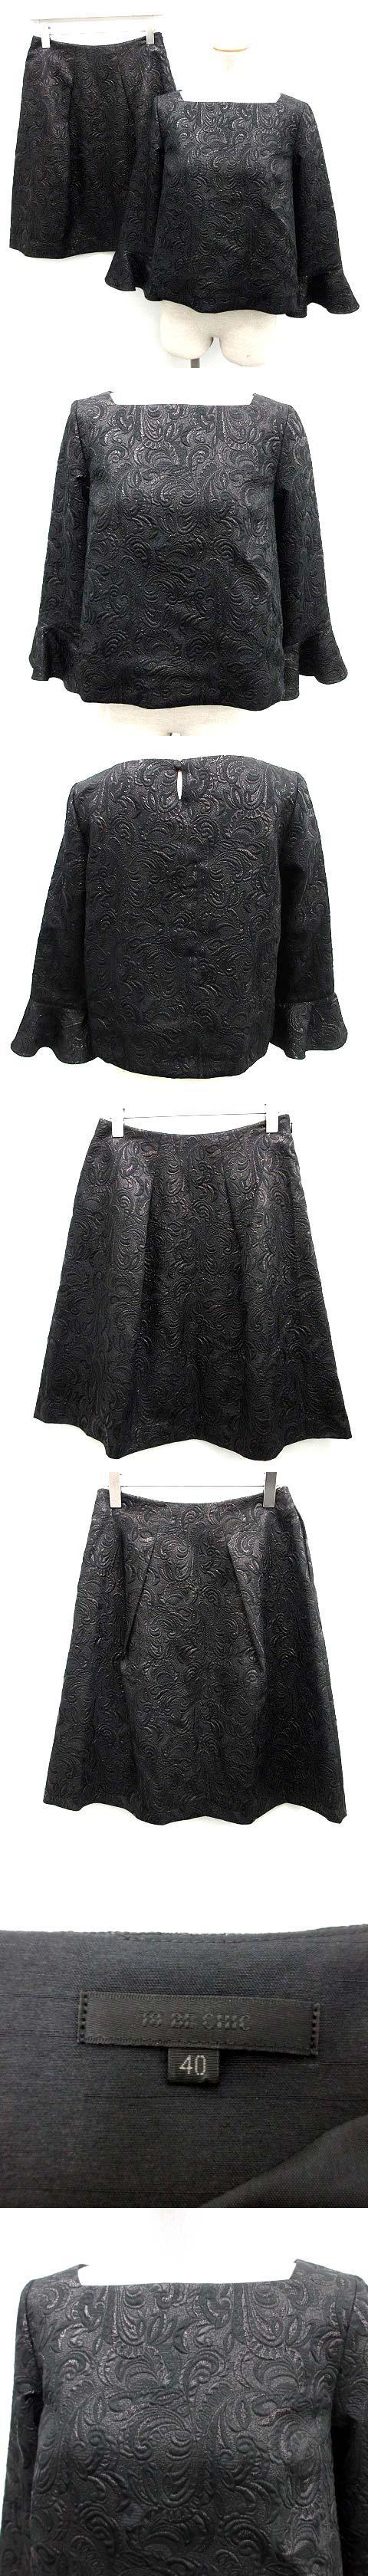 セットアップ 上下 スカート カットソー ジャガード 40 黒 ブラック /EK